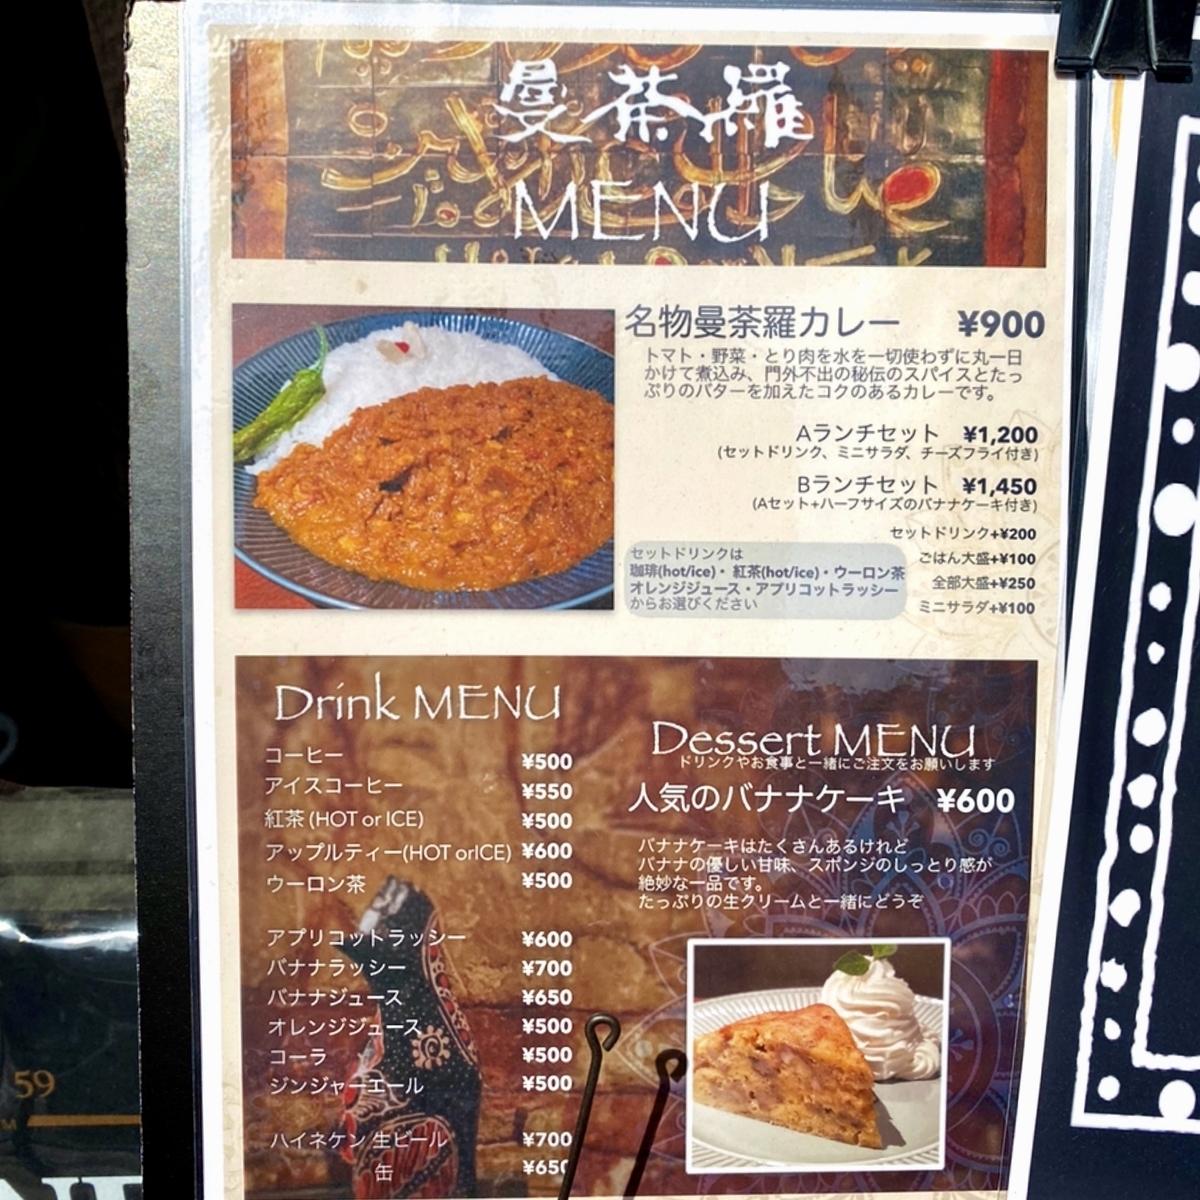 「曼茶羅(まんだら)」のメニューと値段1